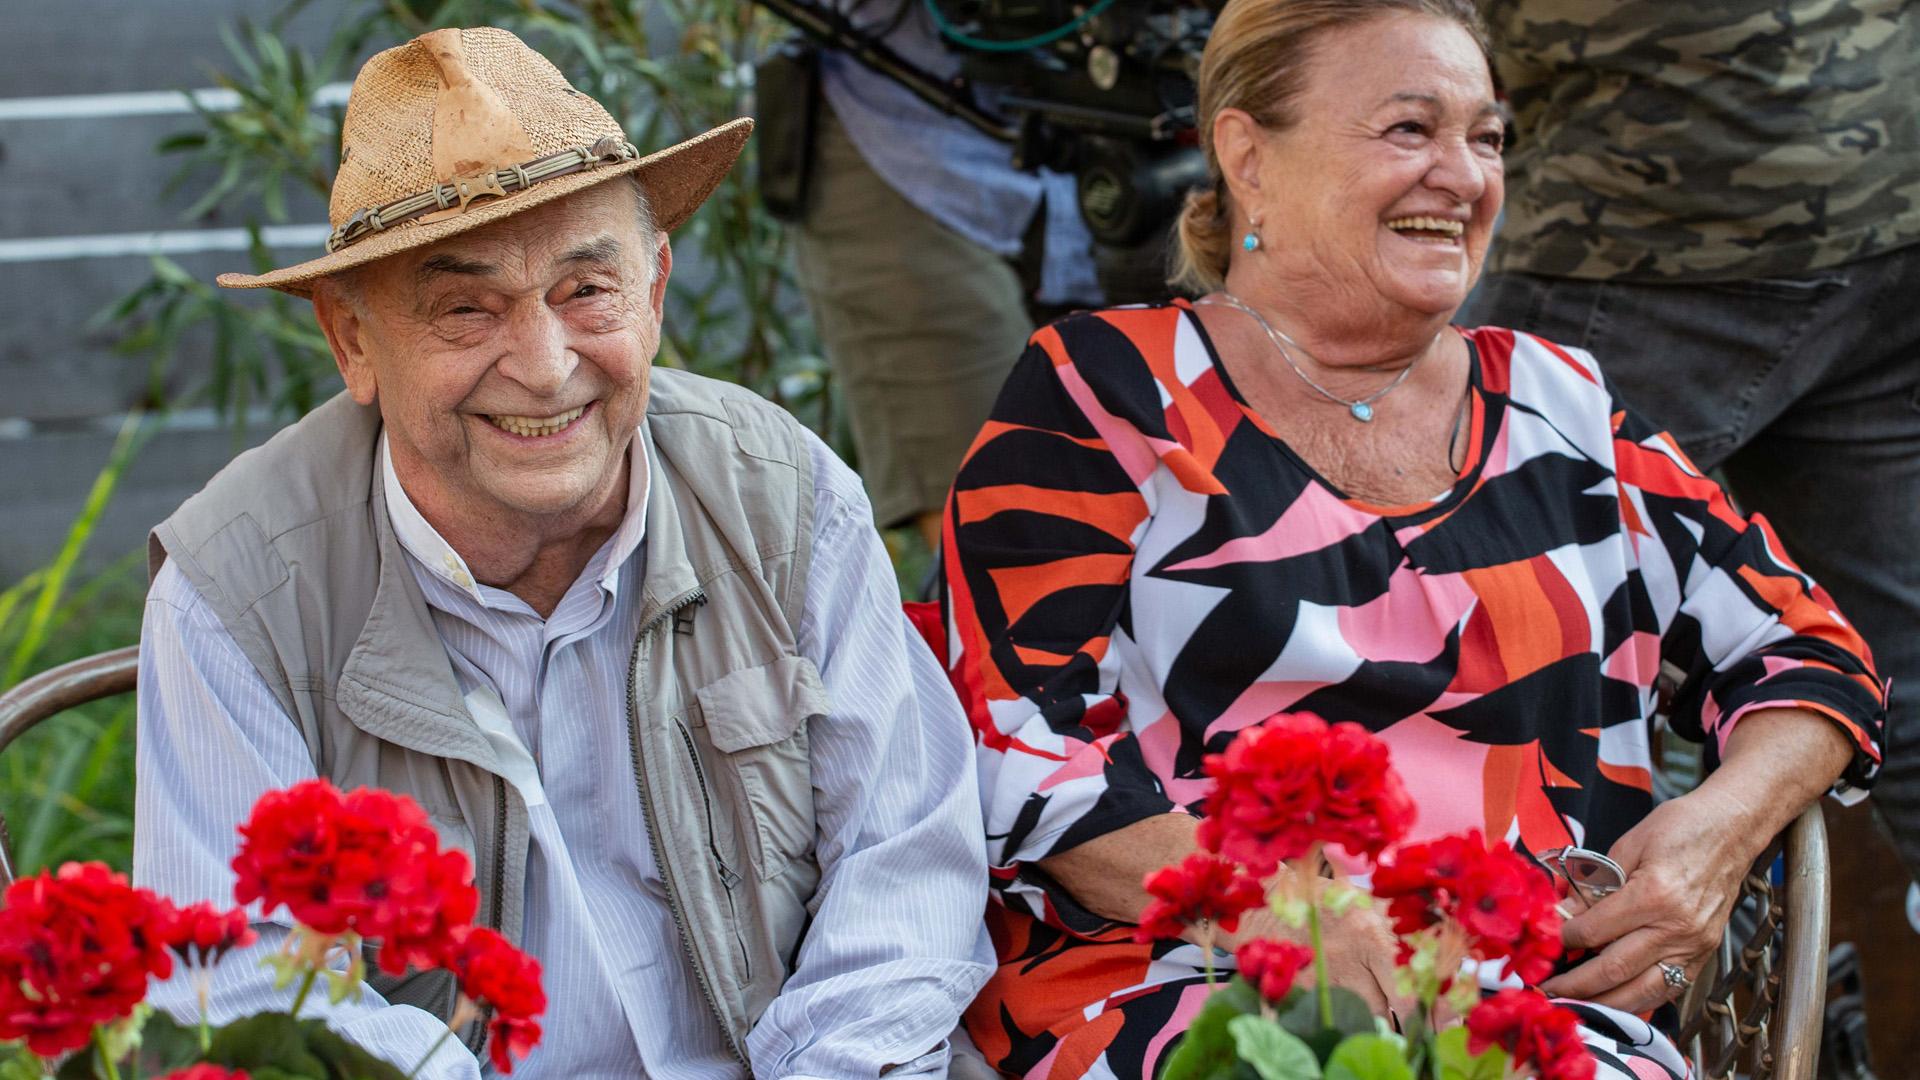 Bodrogi Gyula interjú Doktor Balatonról és magánéletről